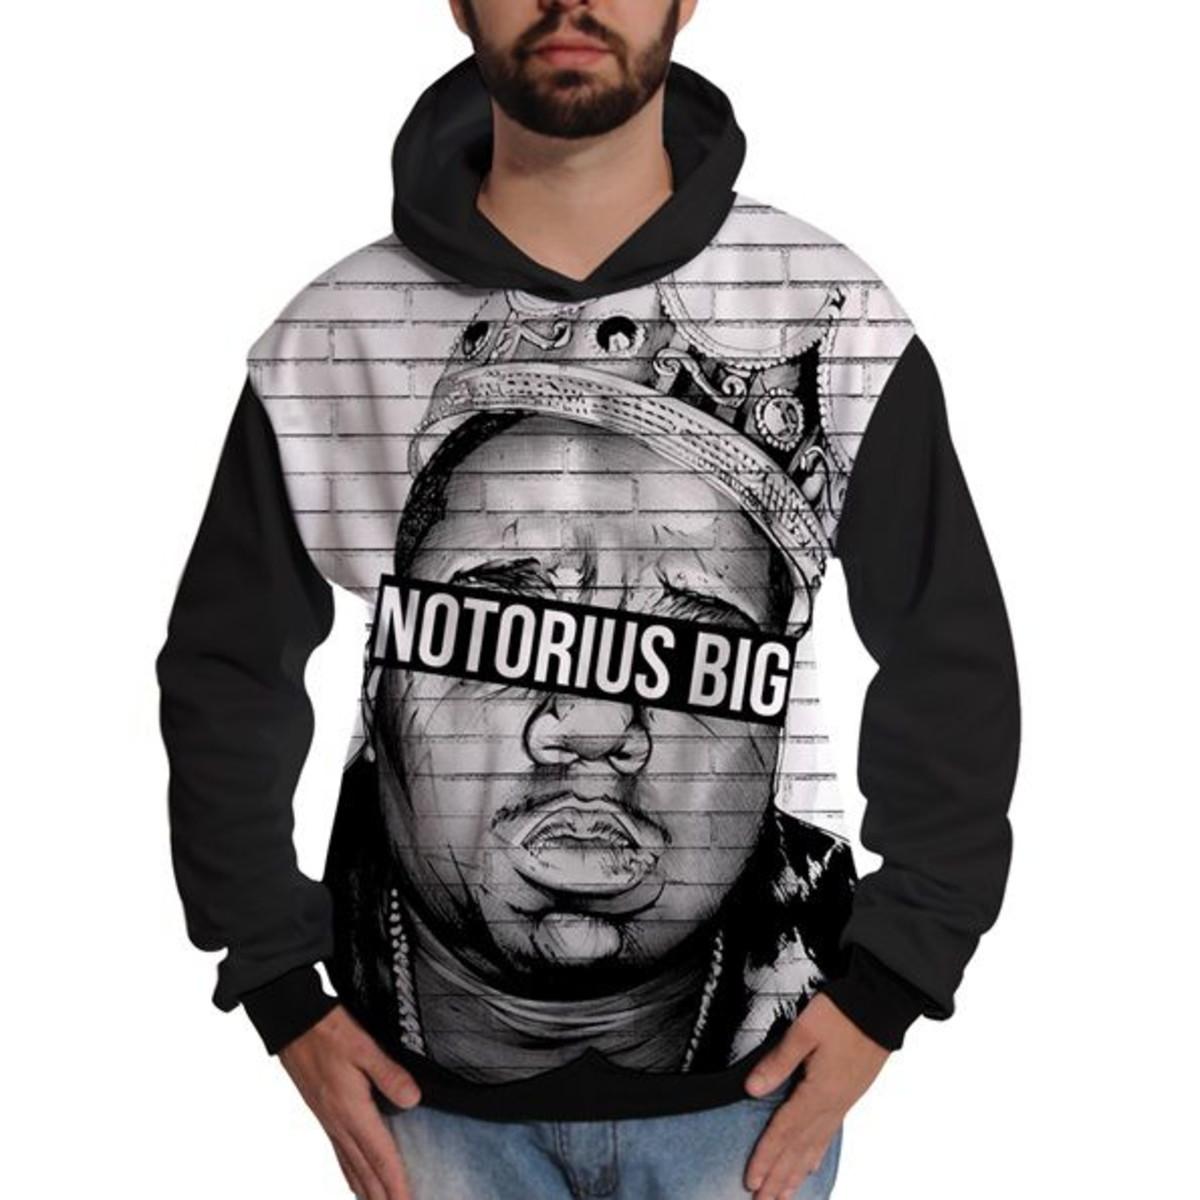 f998c7f54d4a8 Blusa de Moletom Biggie Notorious Big Rapper Hip Hop King no Elo7 ...